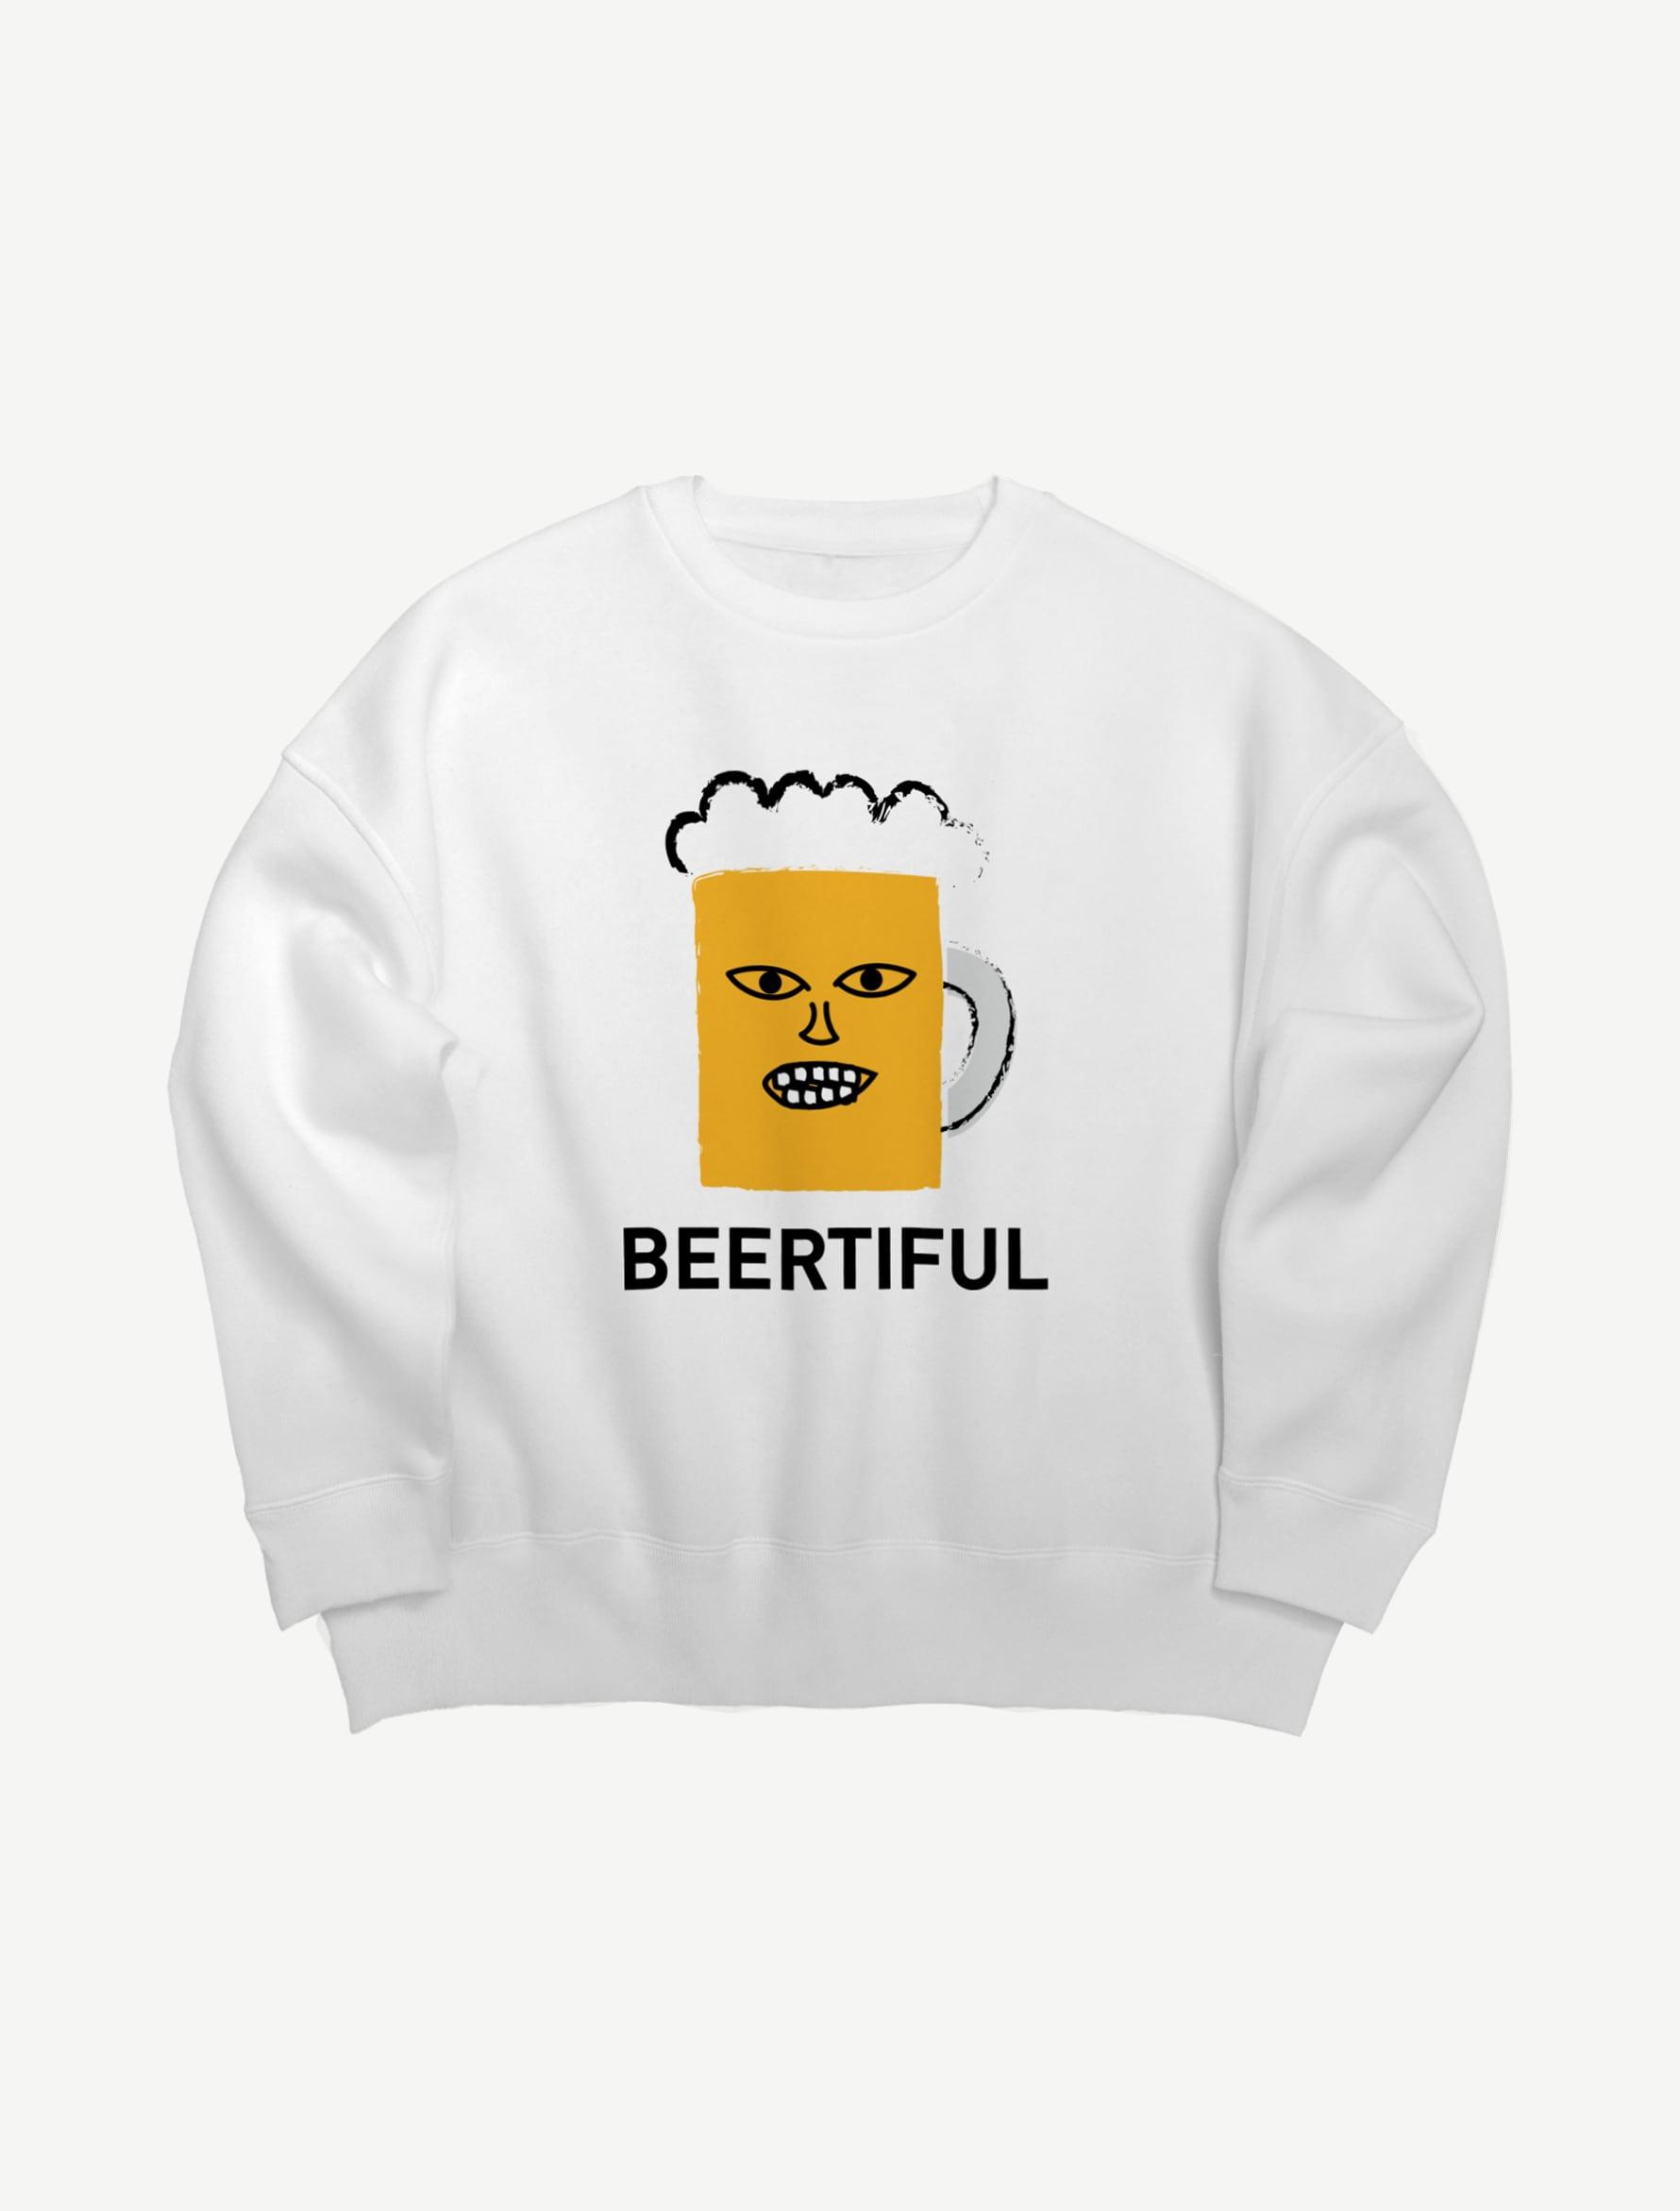 【BEERMAN】ビッグシルエットスウェット